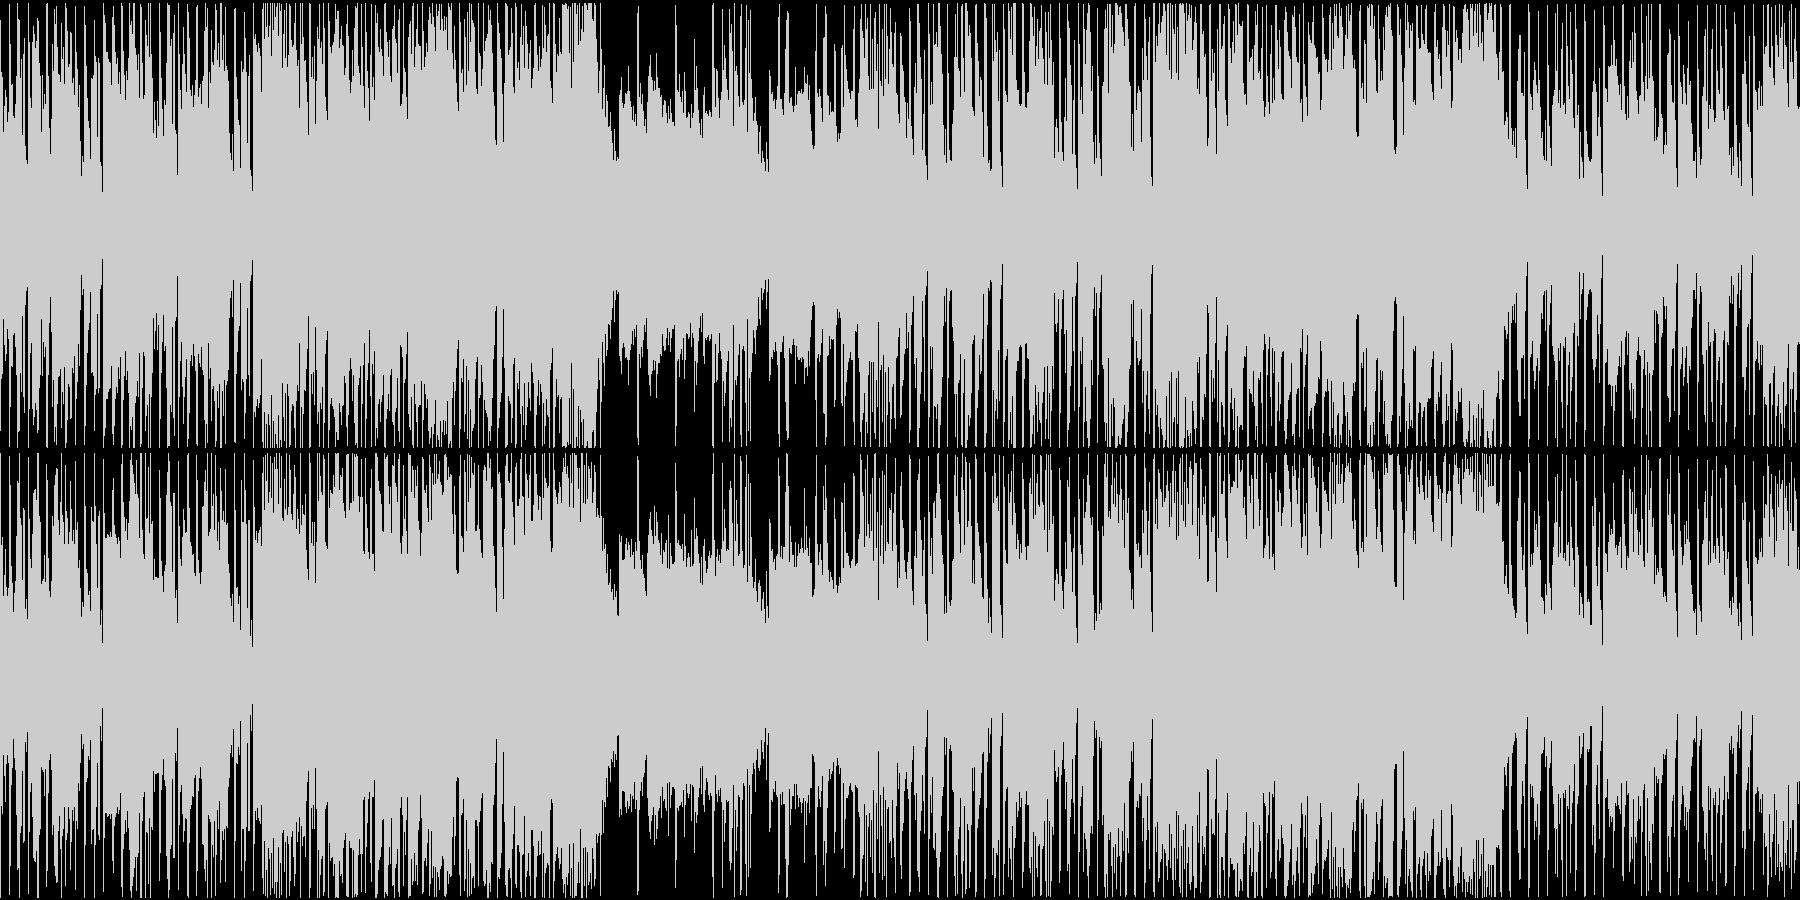 穏やかで軽快なジャズヒップホップインストの未再生の波形